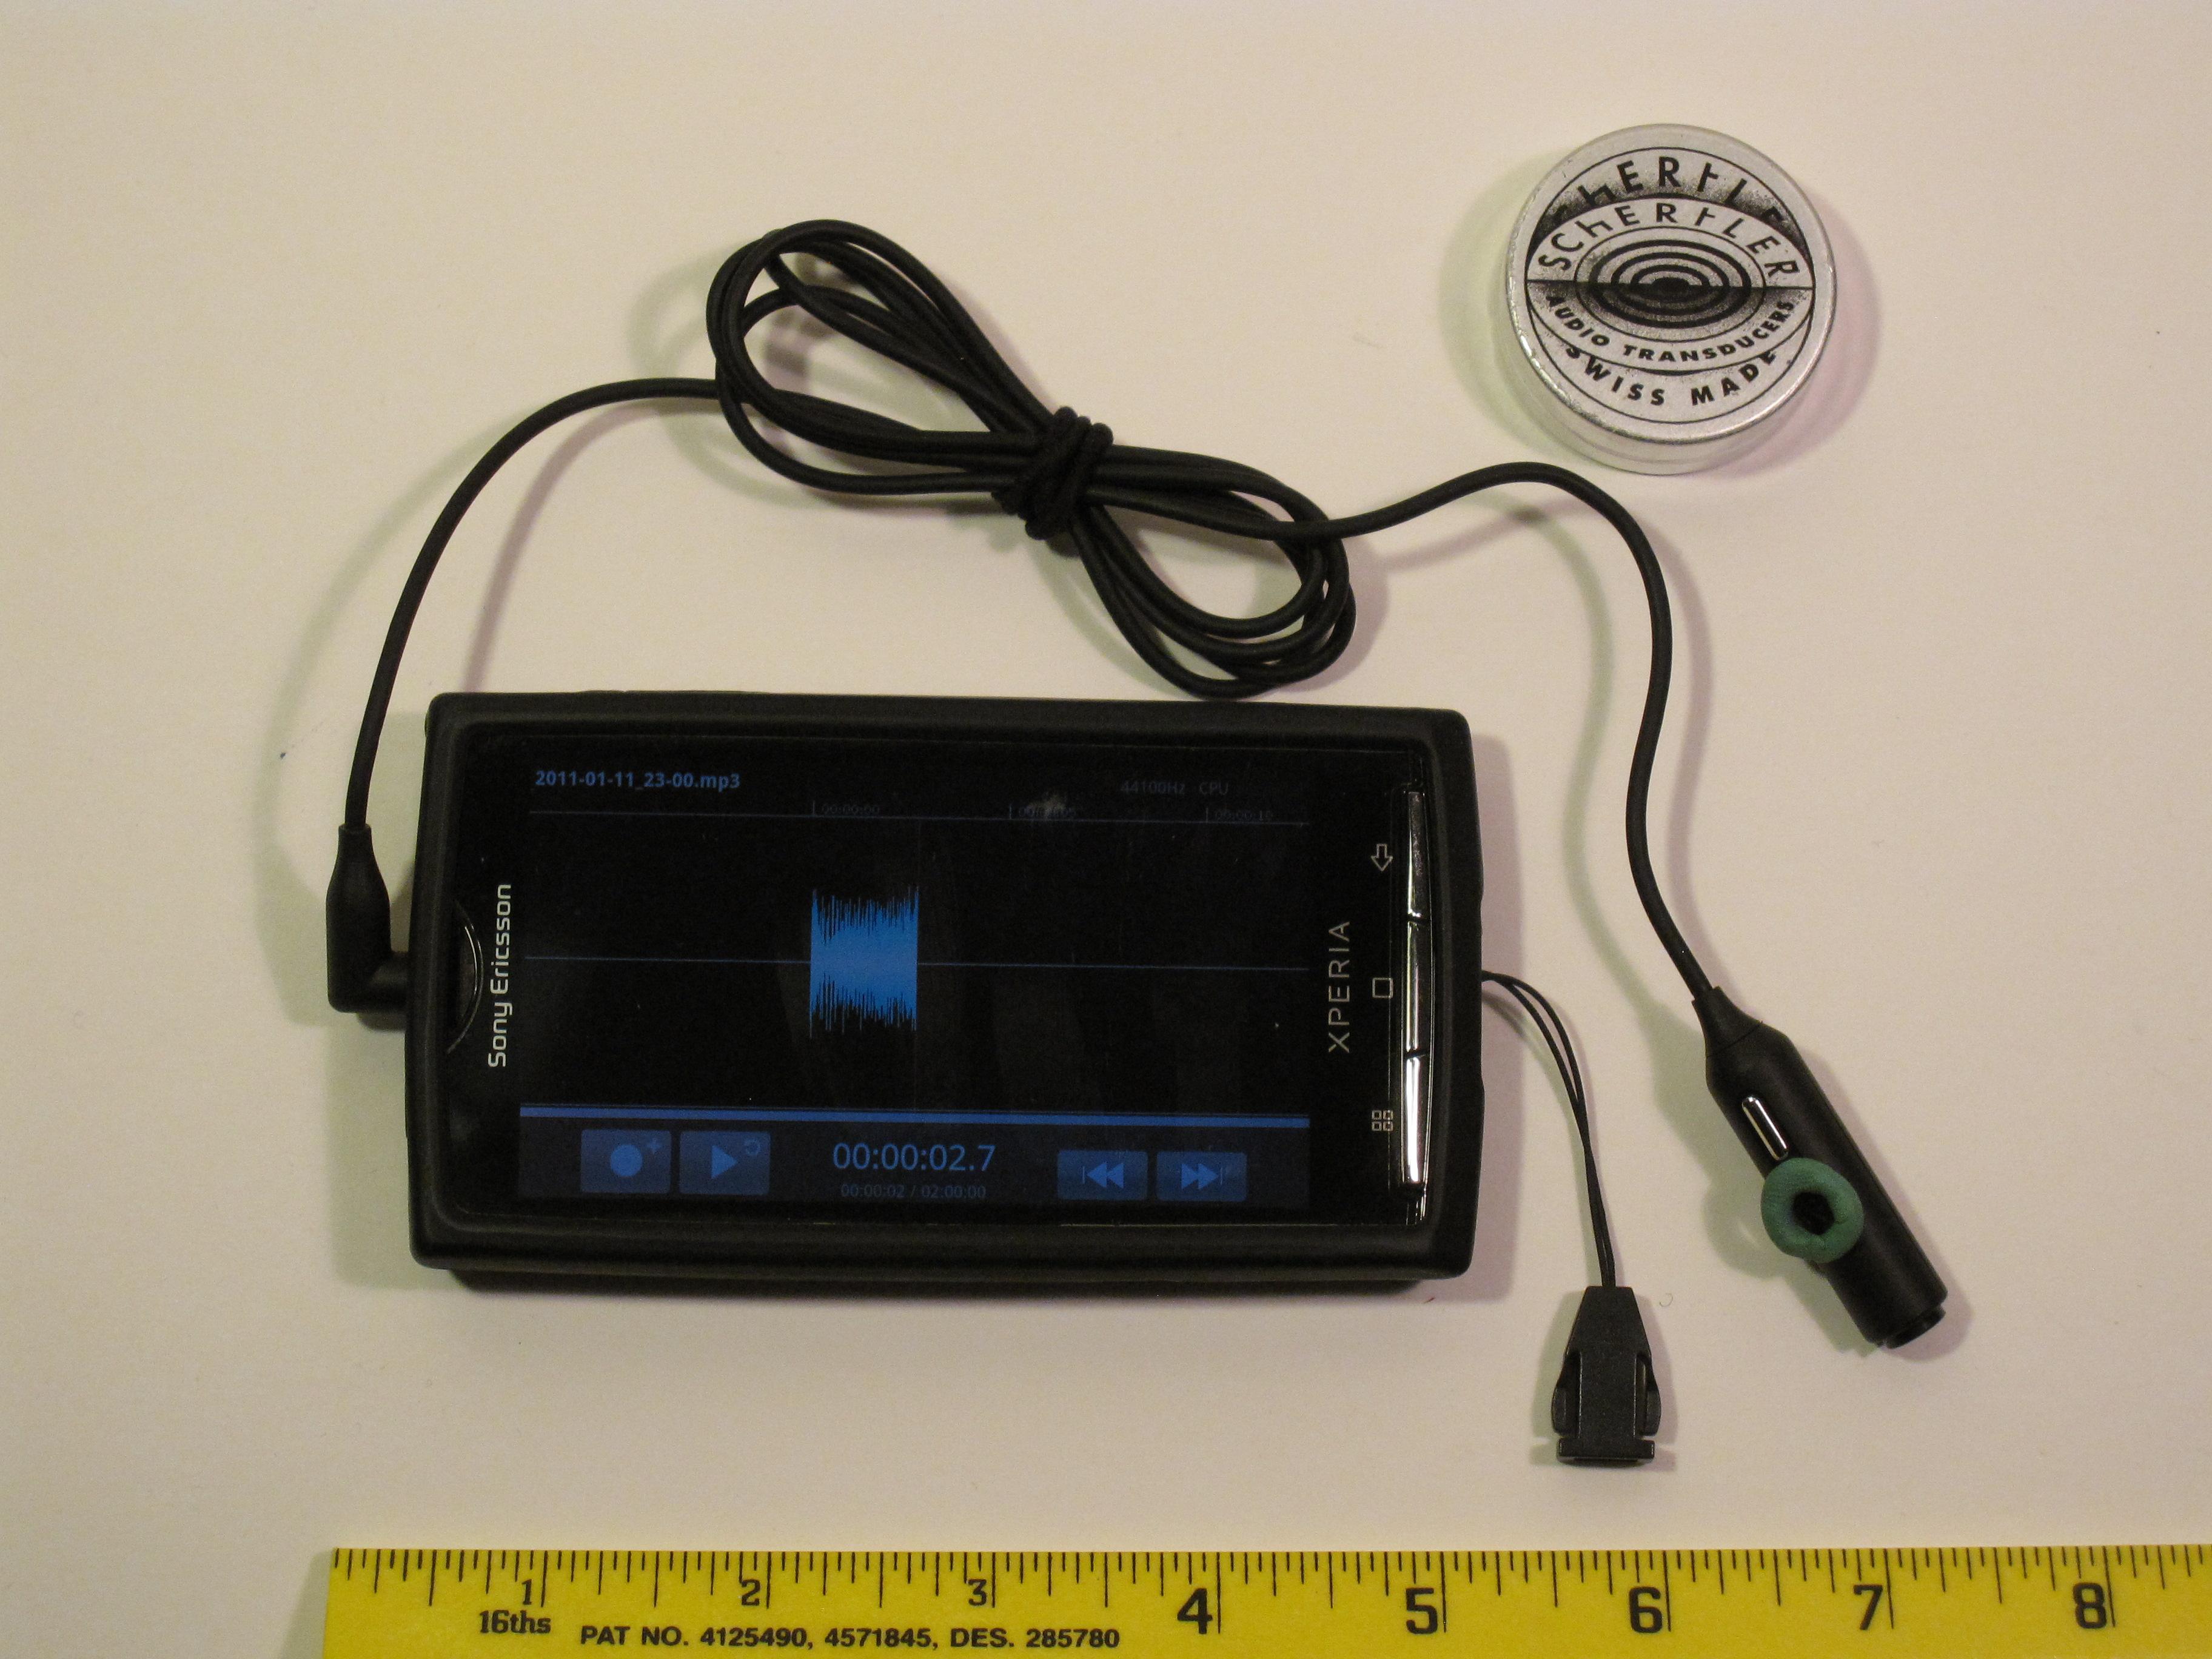 Xperia X10 running Samalyse' Tape Machine